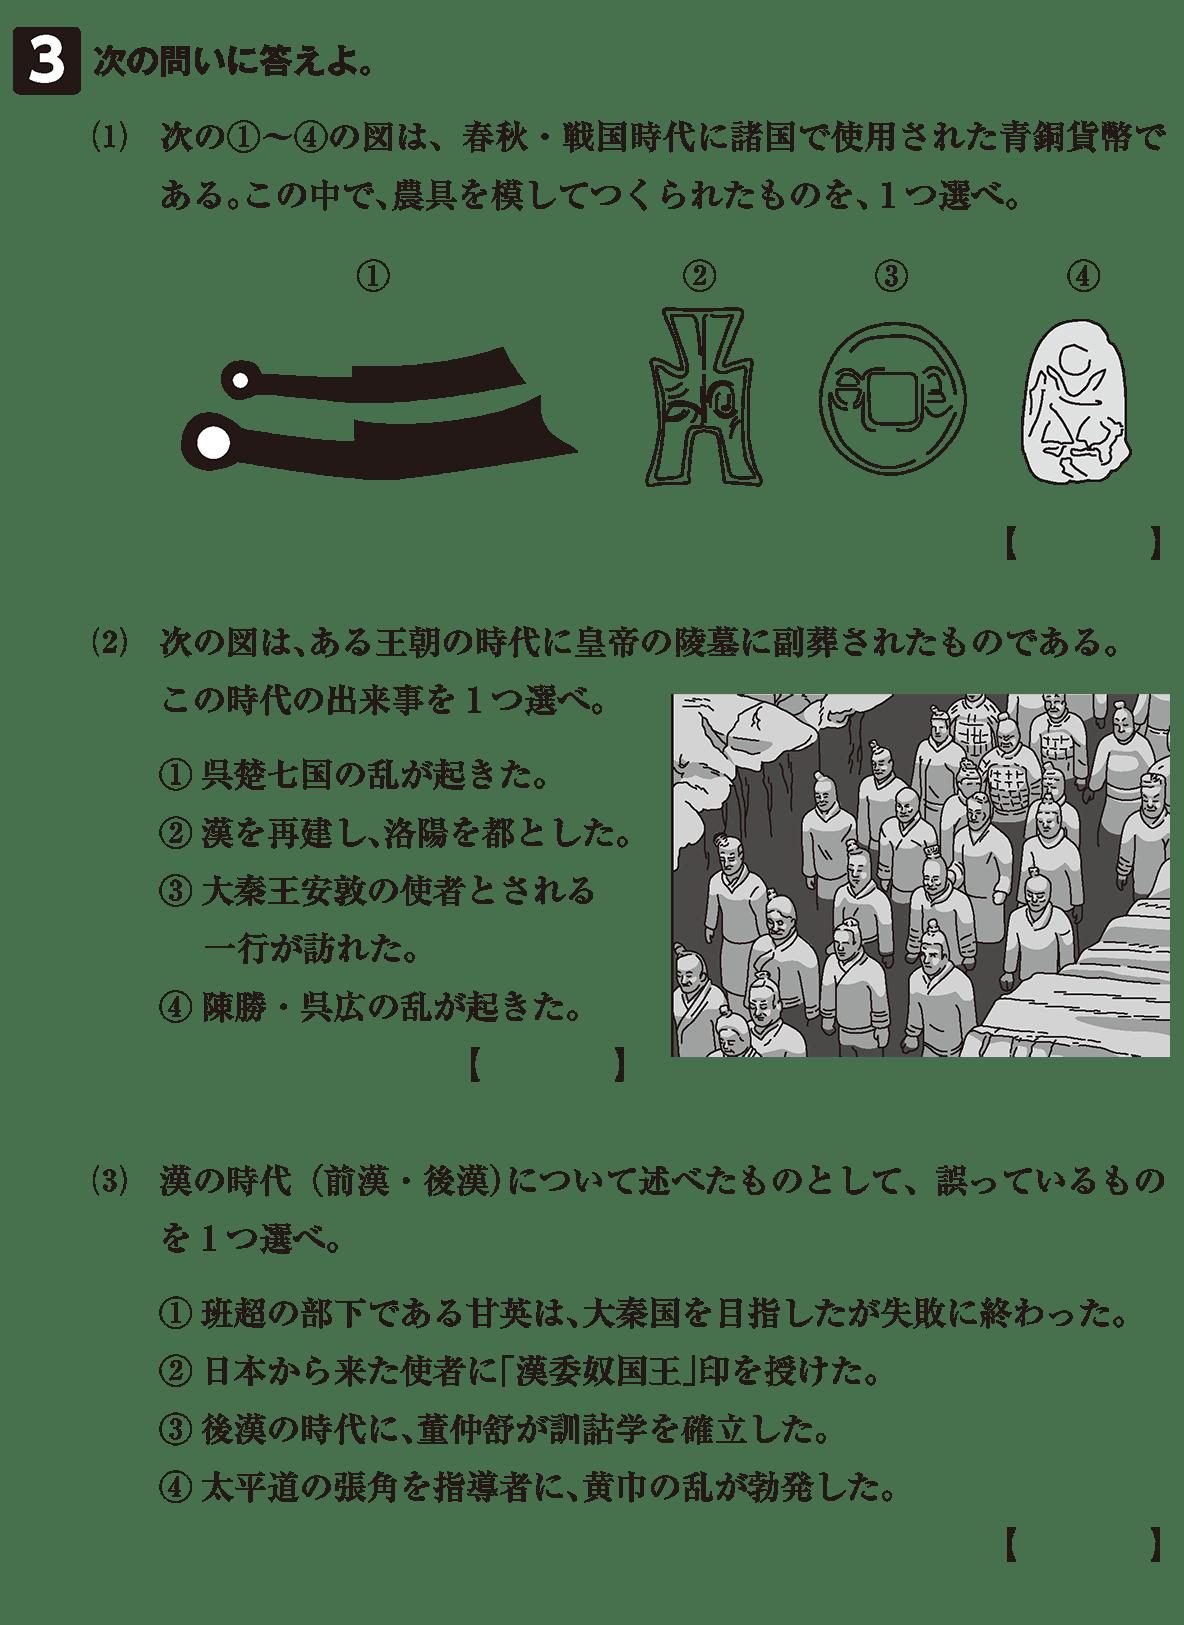 高校世界史 中国の古典文明7 確認テスト(後半)3答えなし